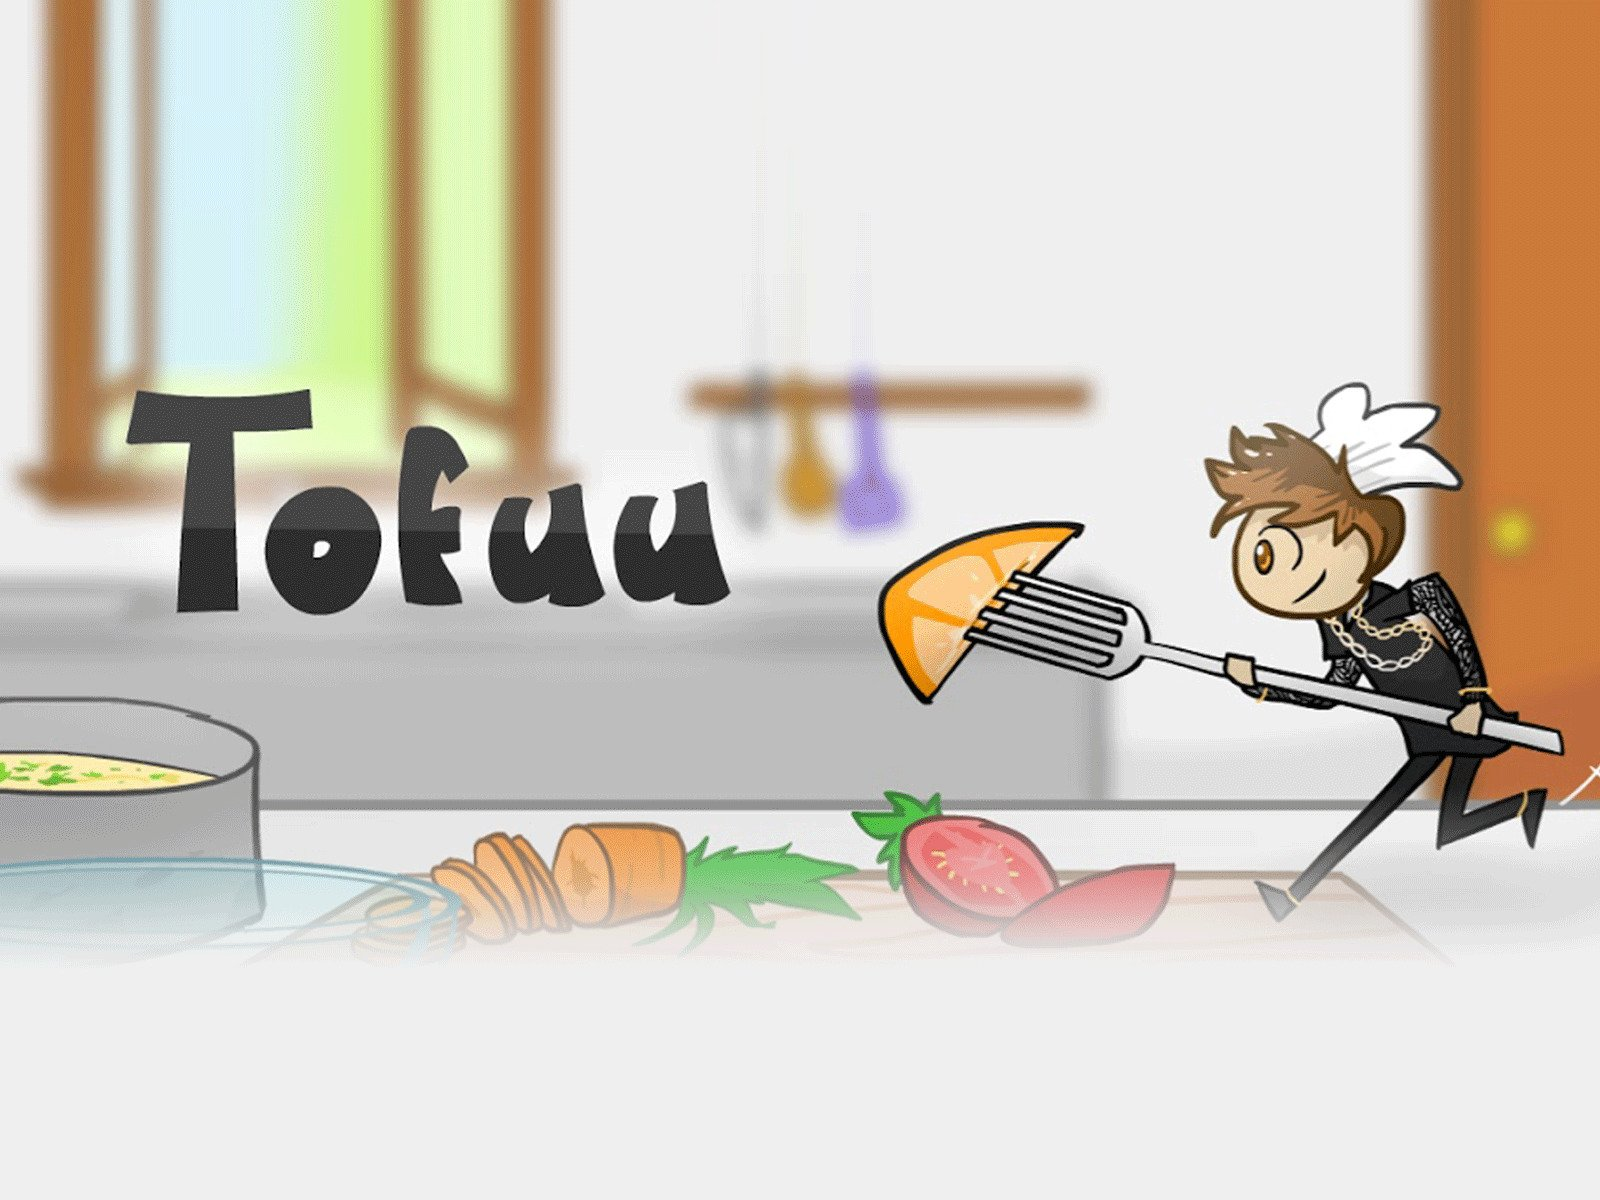 Tofuu on Amazon Prime Video UK